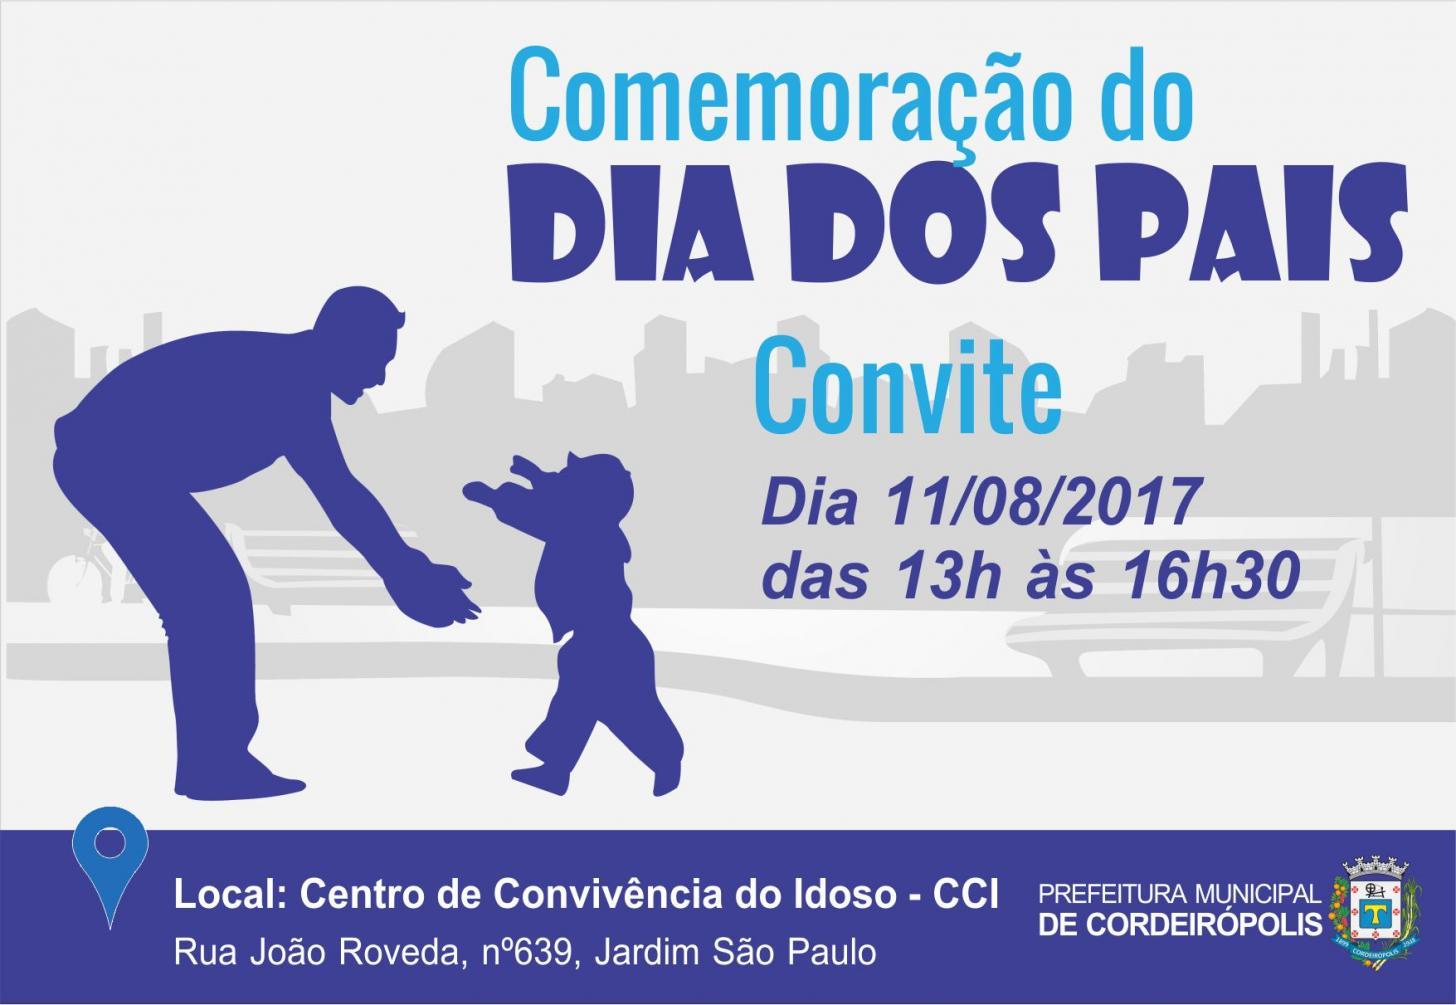 CCI realizará festa em comemoração ao Dia dos Pais